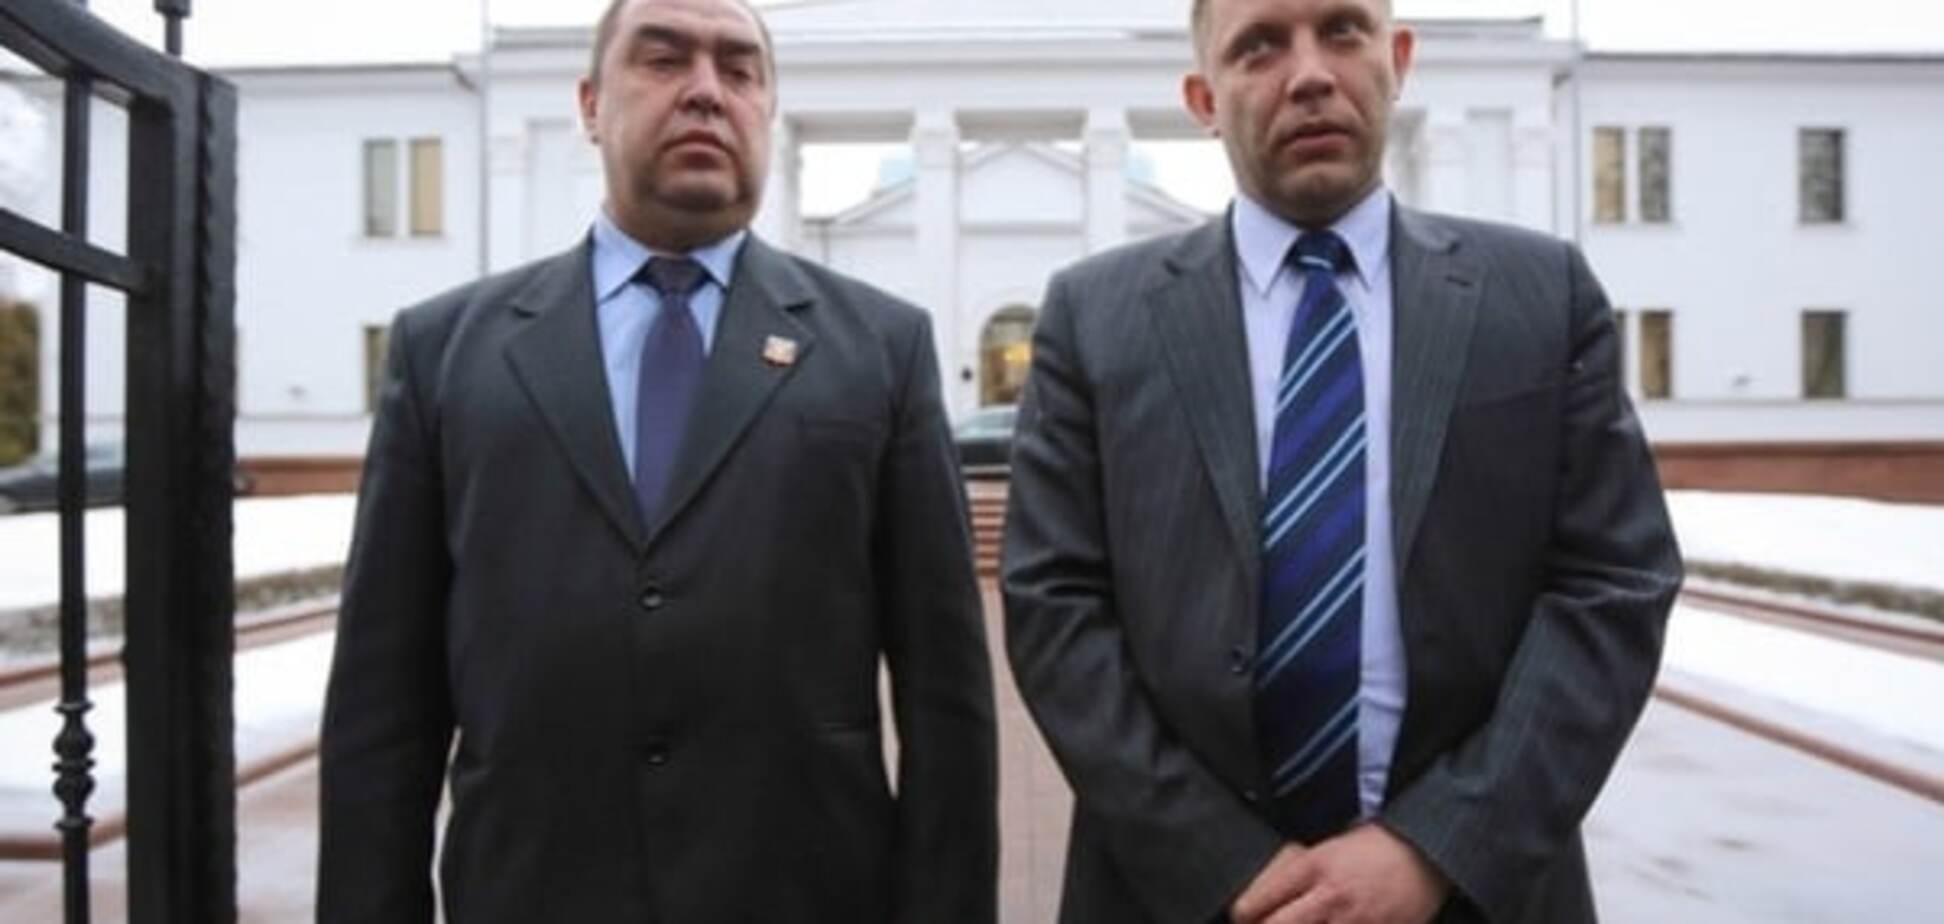 Минск-2: стало известно, как 'ДНР-ЛНР' цинично шантажирует Украину